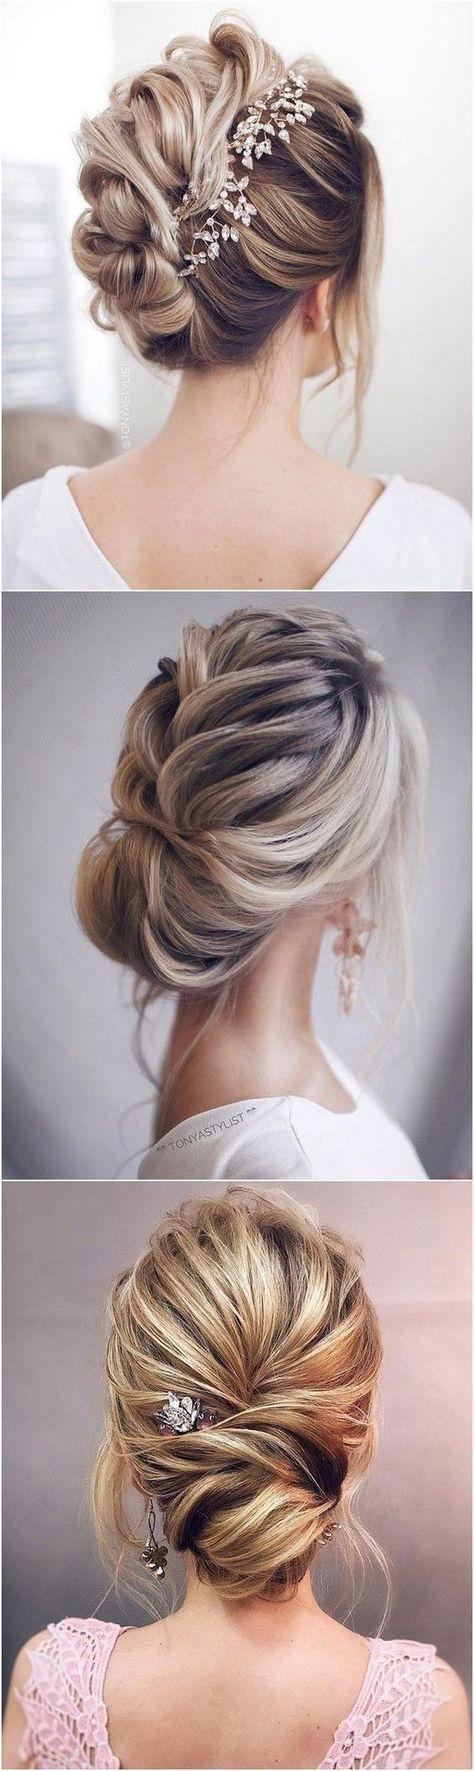 Derfrisuren.top Fashion Hairstyle Tutorial 514 Tutorial hairstyle fashion